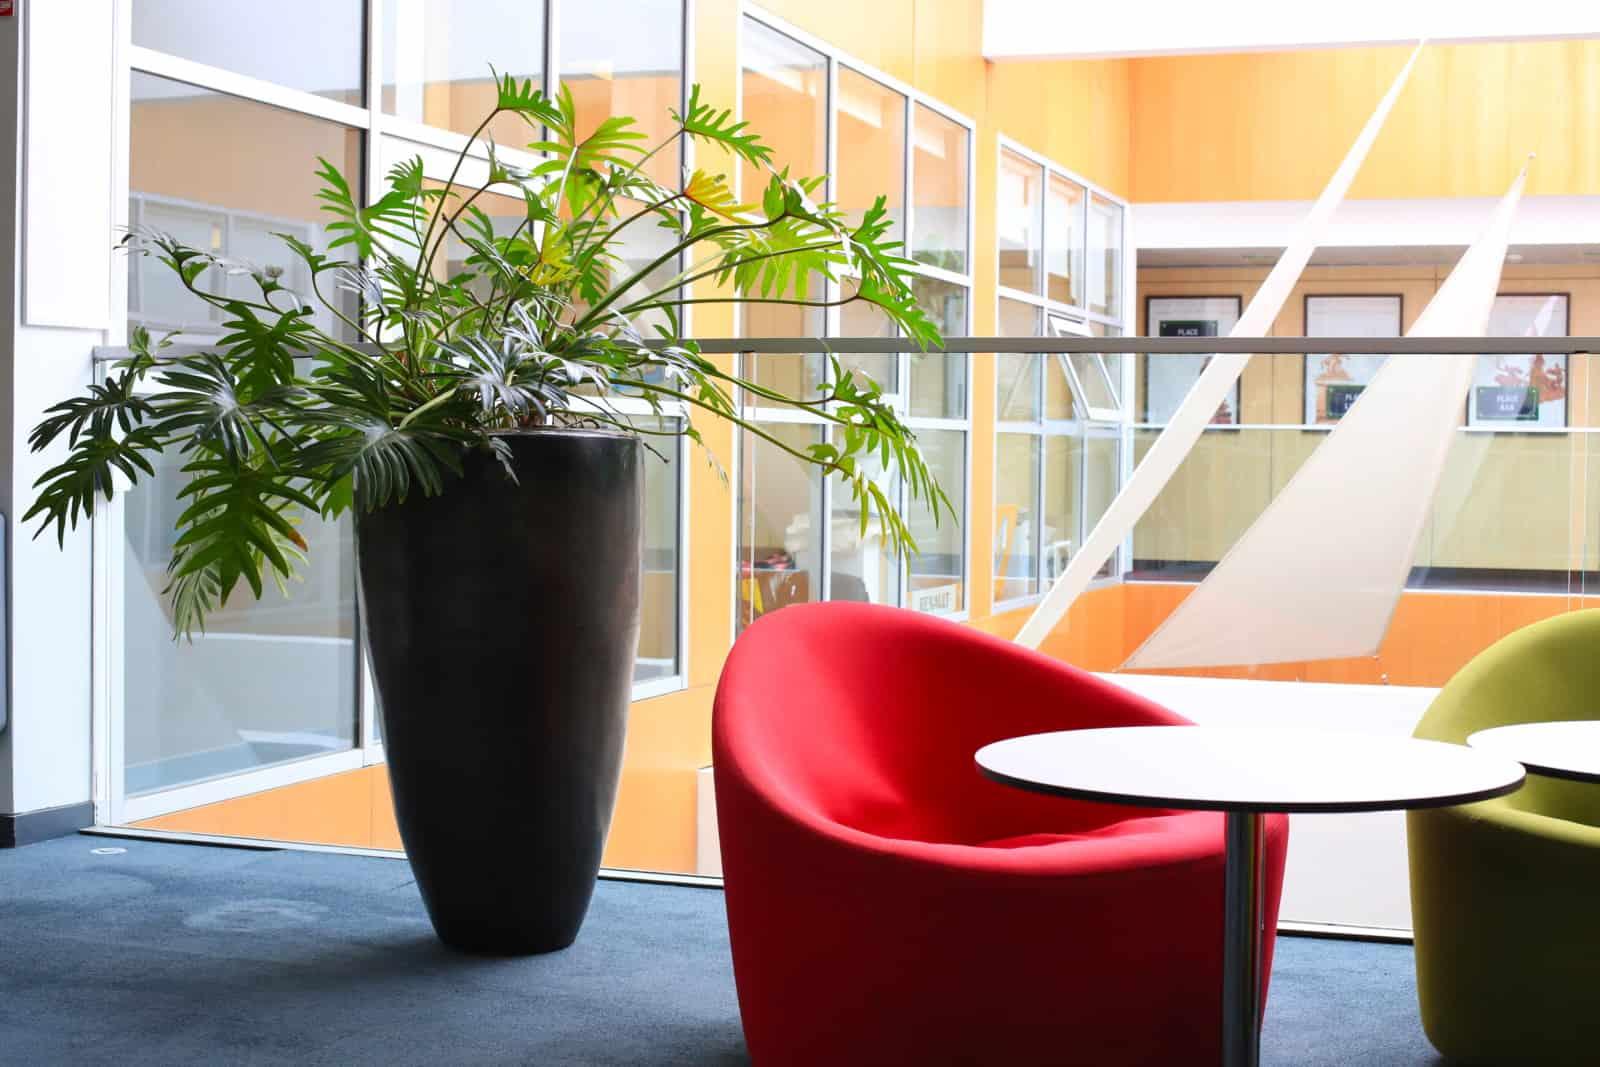 location de plantes pour entreprises à Paris et région - Green decor